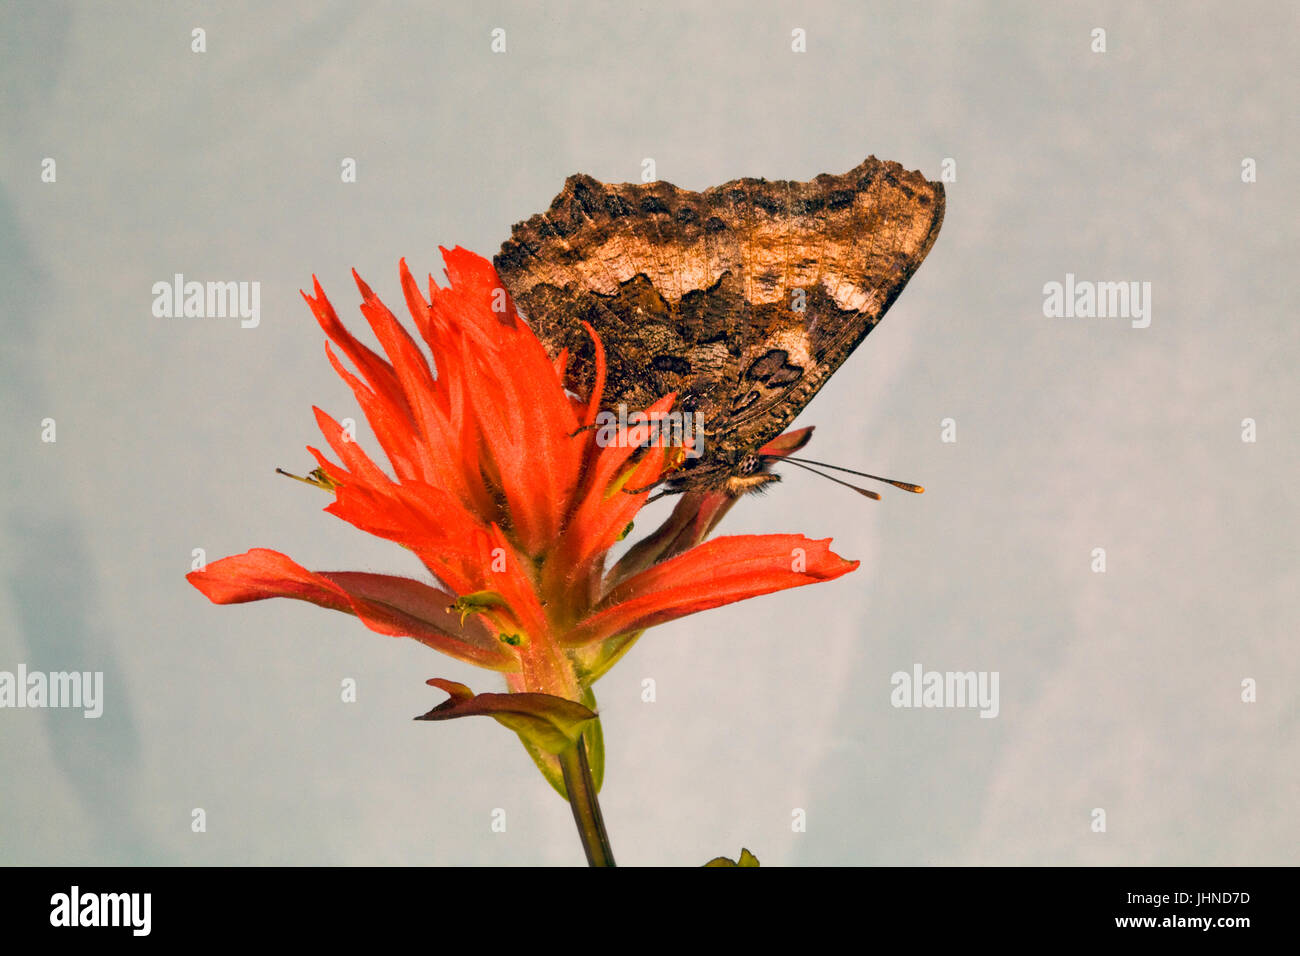 Un California Tortiseshell Butterfly, noto anche come un occidentale del guscio di tartaruga, Nymphalis californica, Immagini Stock